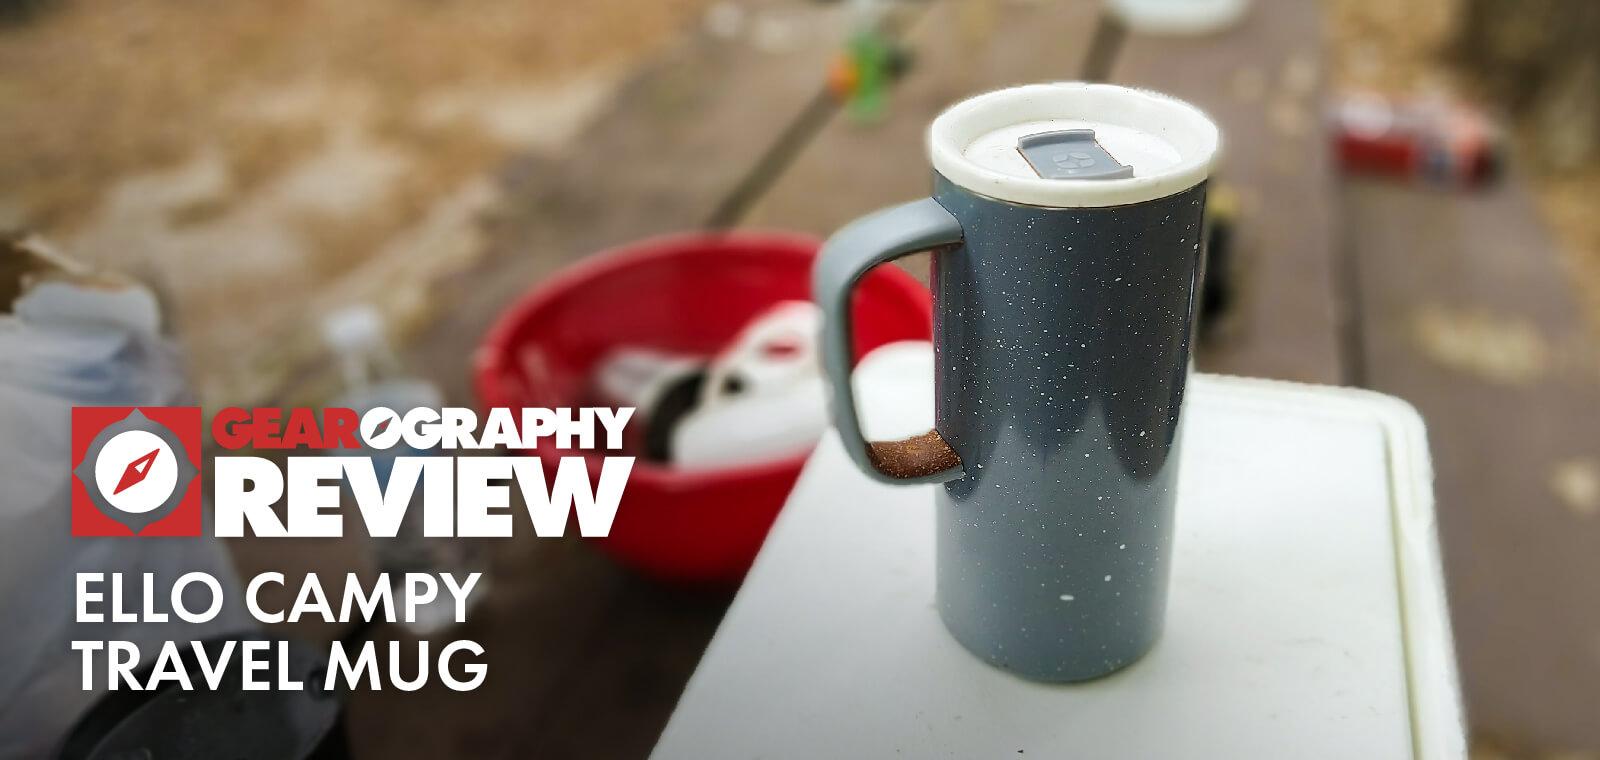 Ello Campy Travel Mug Review